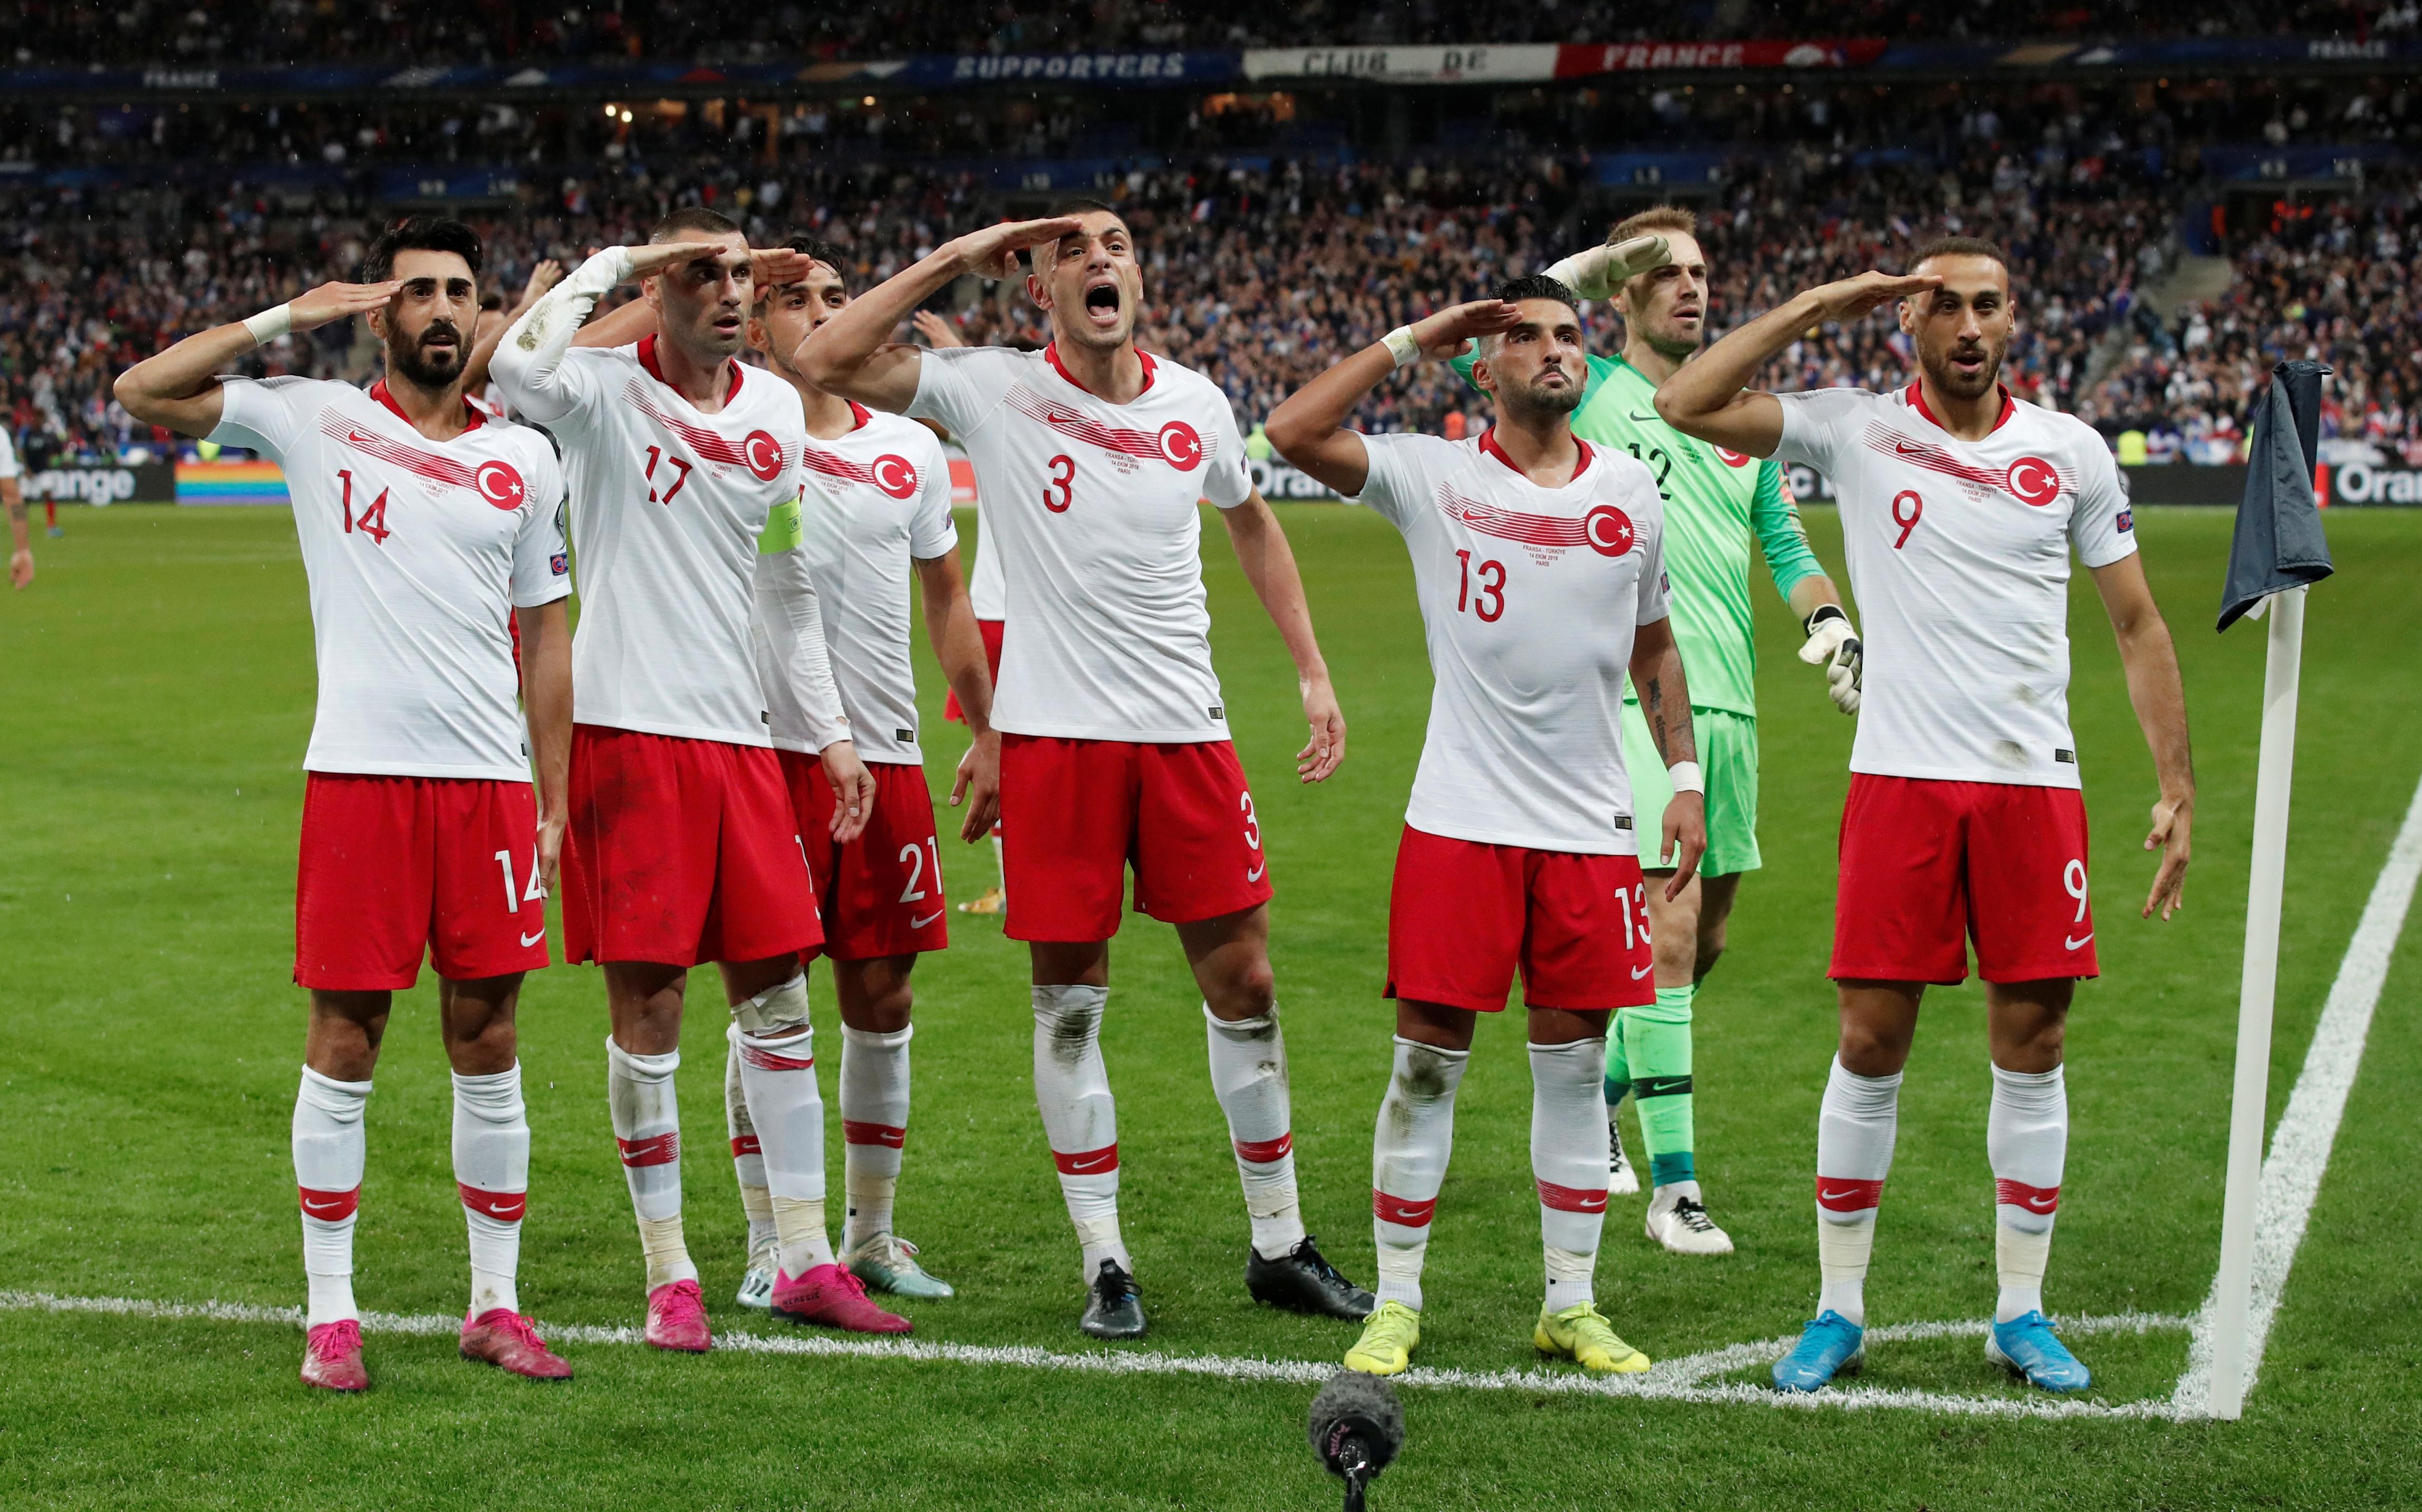 """Στα """"μαλακά"""" οι Τούρκοι από την UEFA! Καμία τιμωρία για τους στρατιωτικούς χαιρετισμούς"""